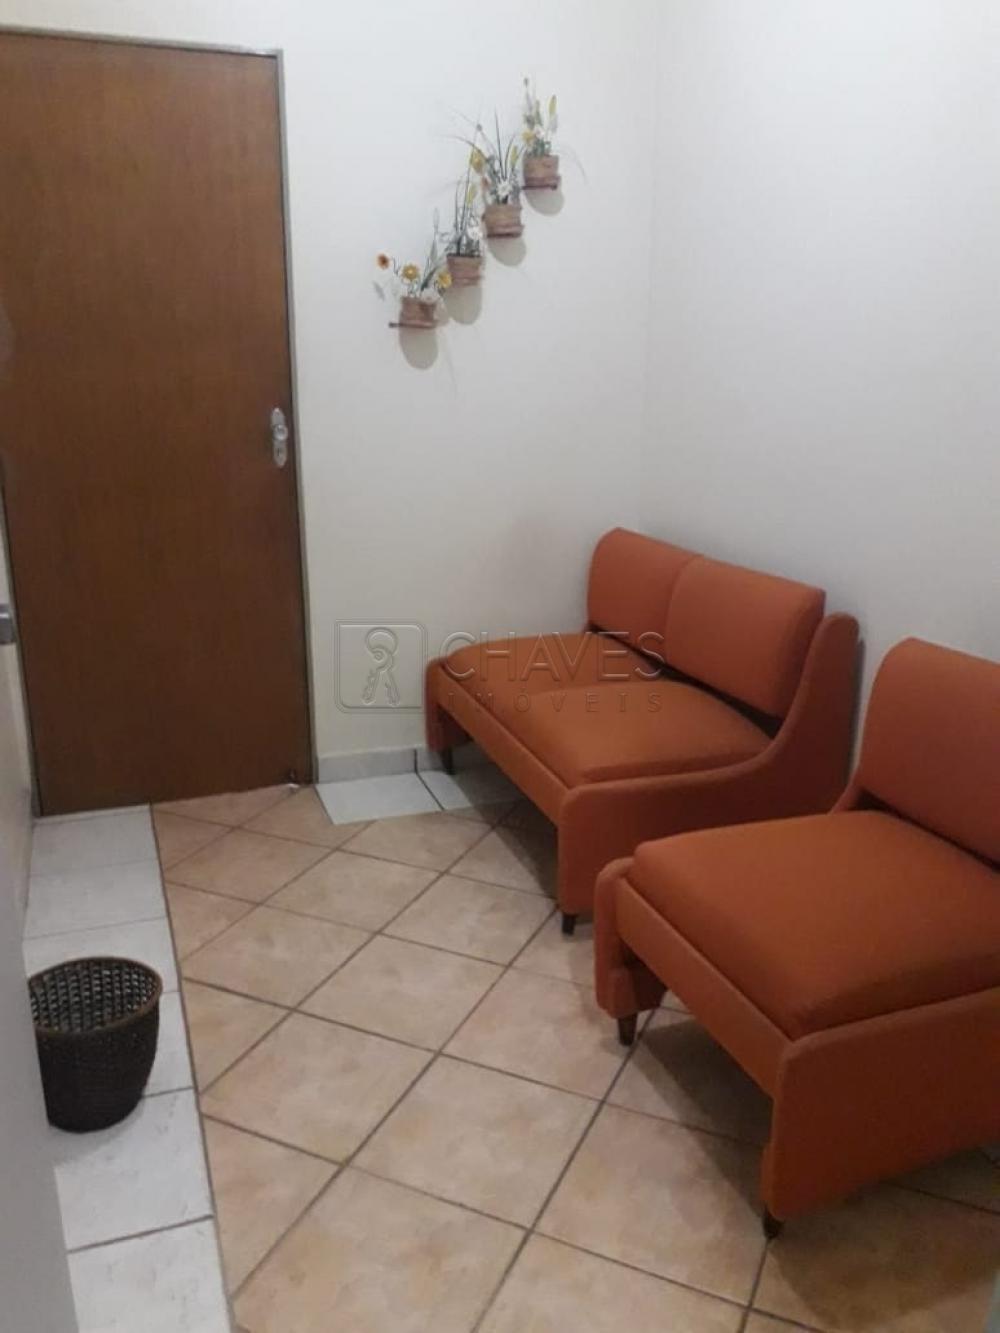 Comprar Apartamento / Padrão em Ribeirão Preto apenas R$ 234.000,00 - Foto 2